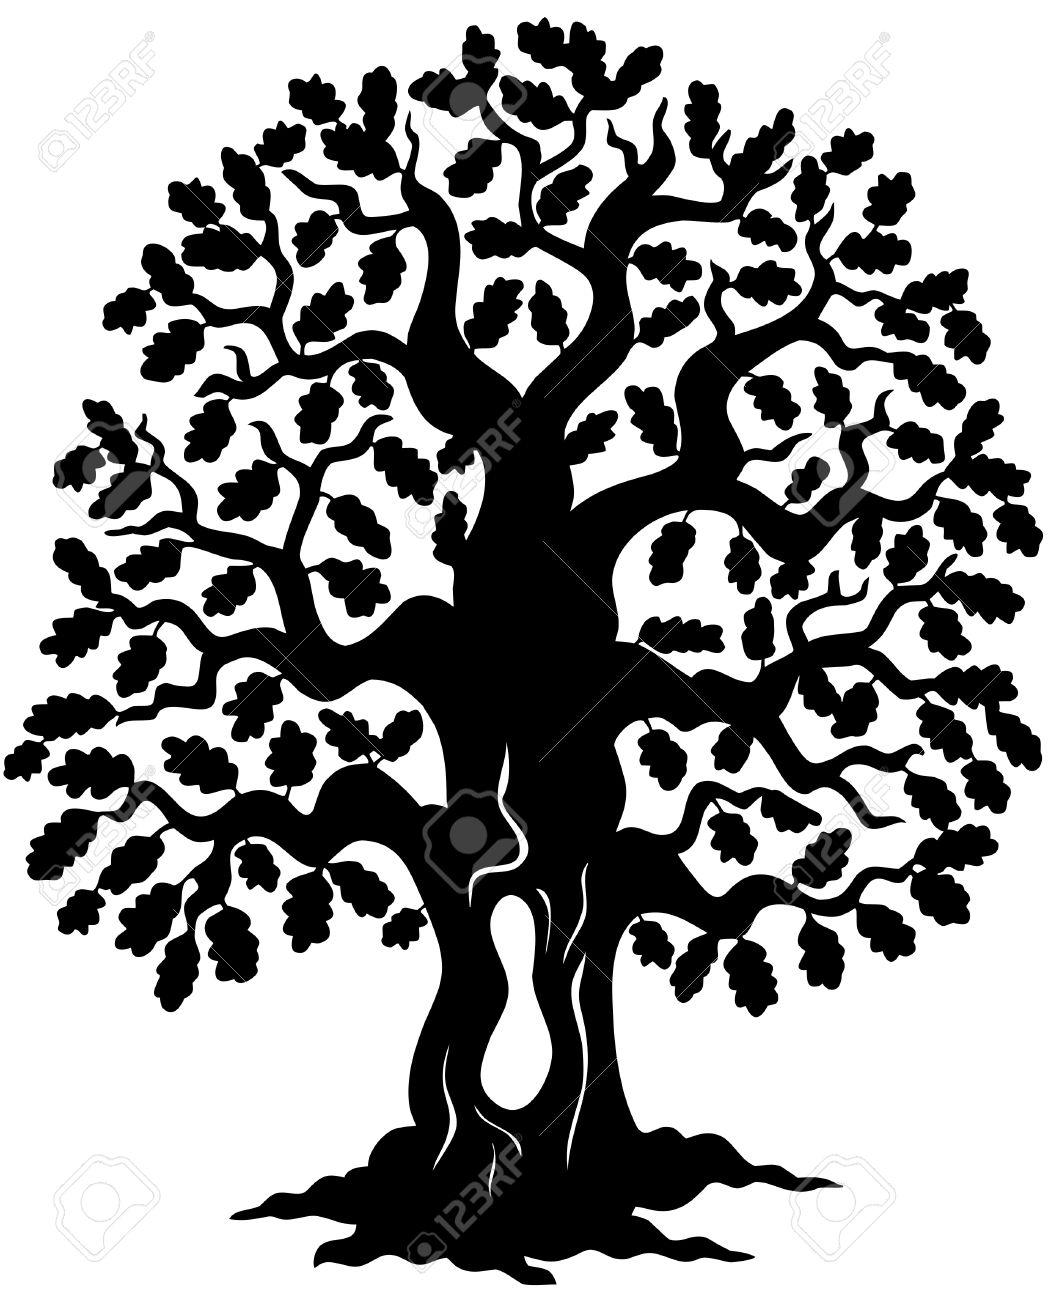 1062x1300 Oak Tree Silhouette Group